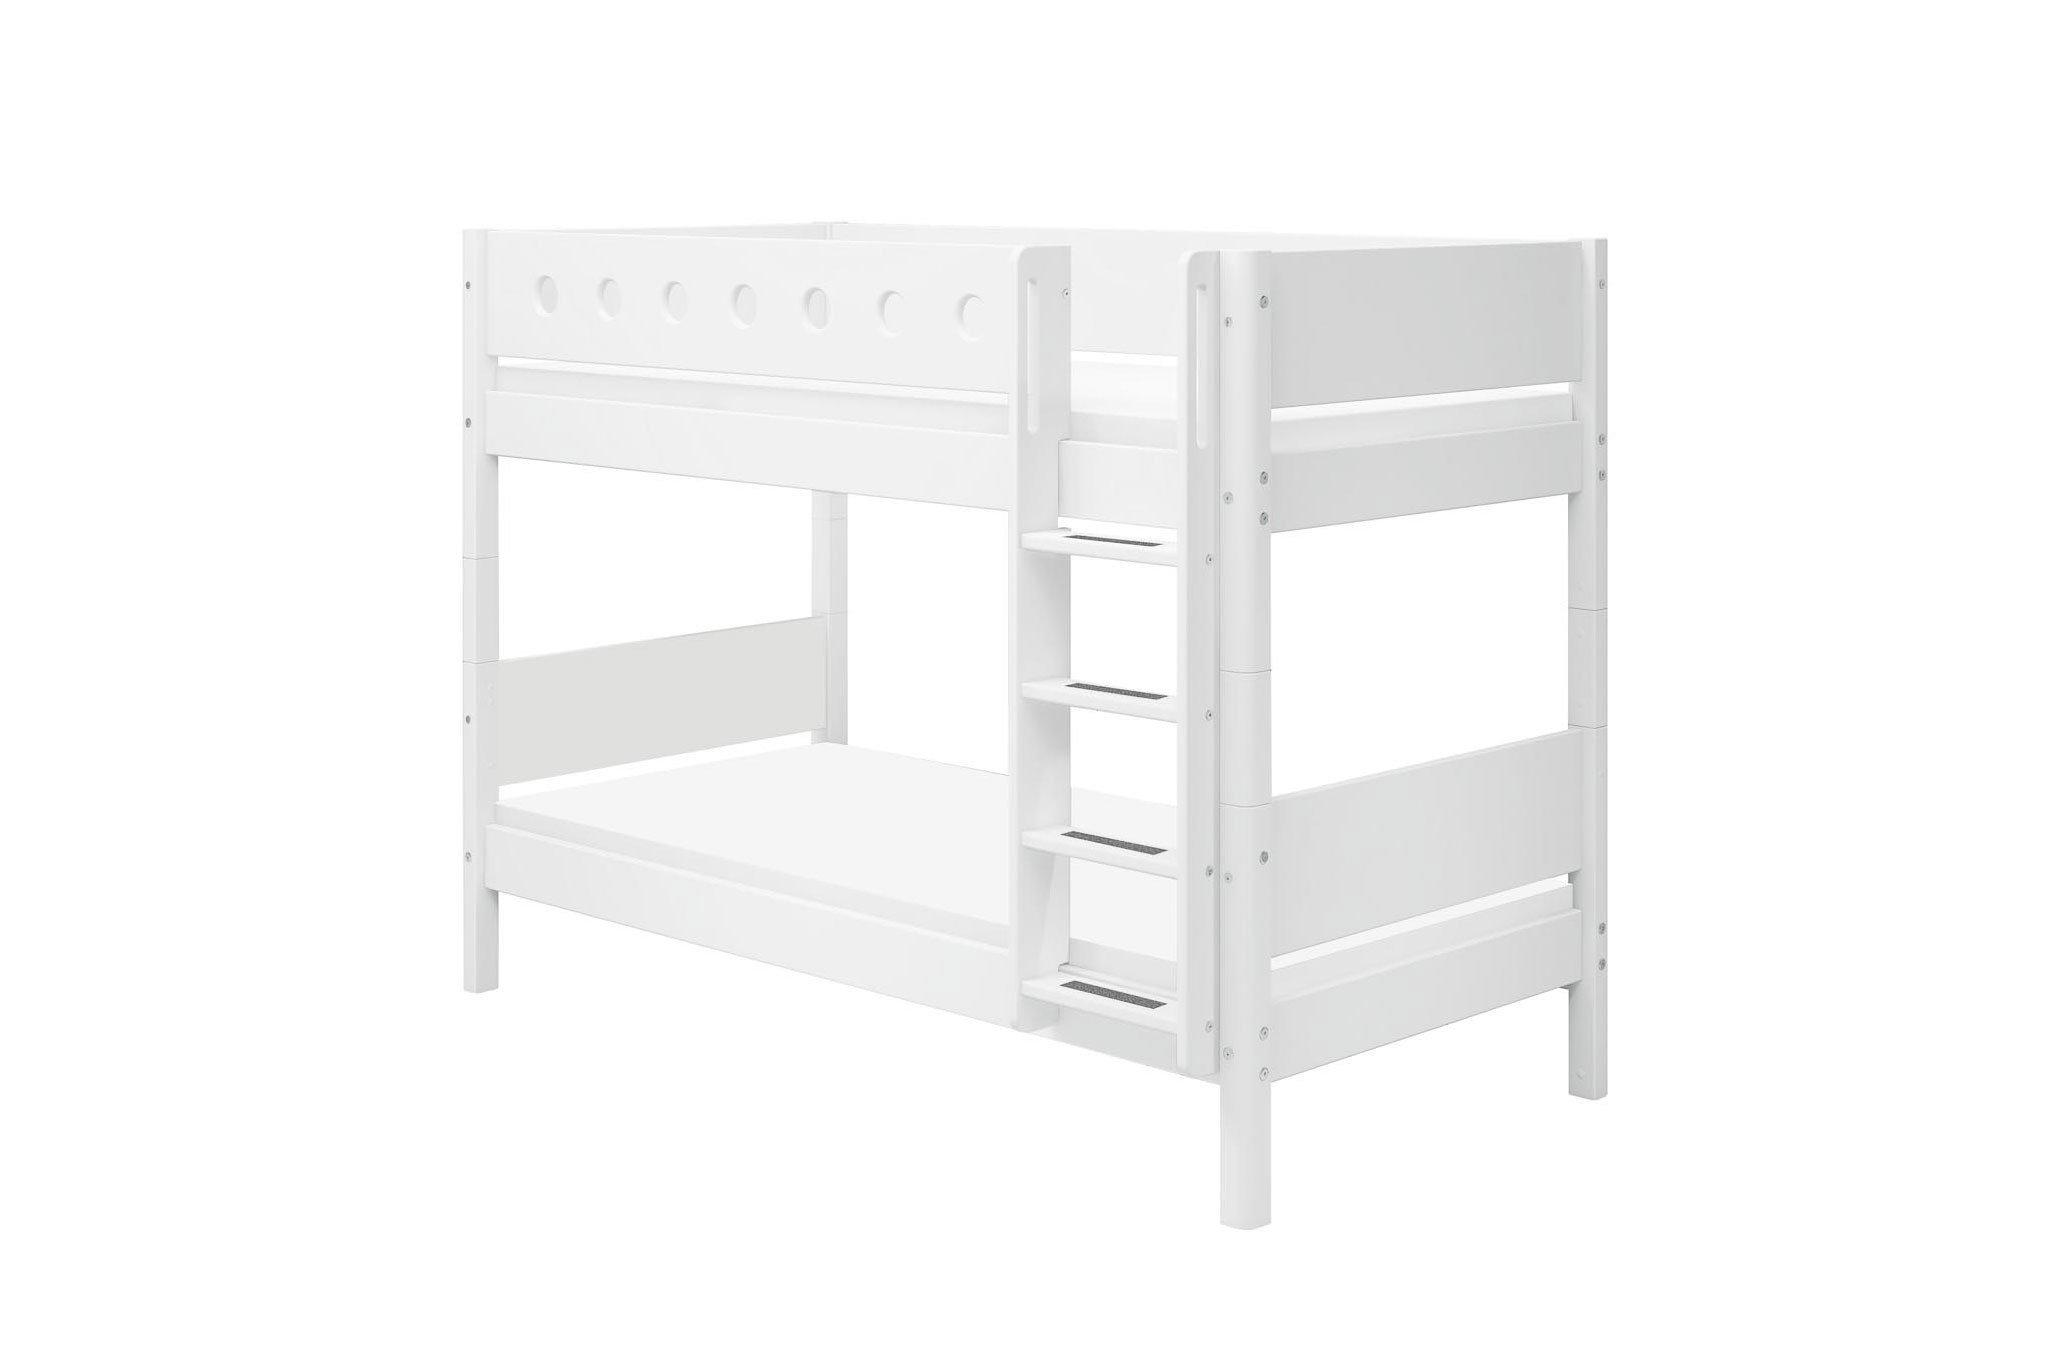 Etagenbett Angebot : Ticaa etagenbett sammy mit zusatzbett ab u ac preisvergleich